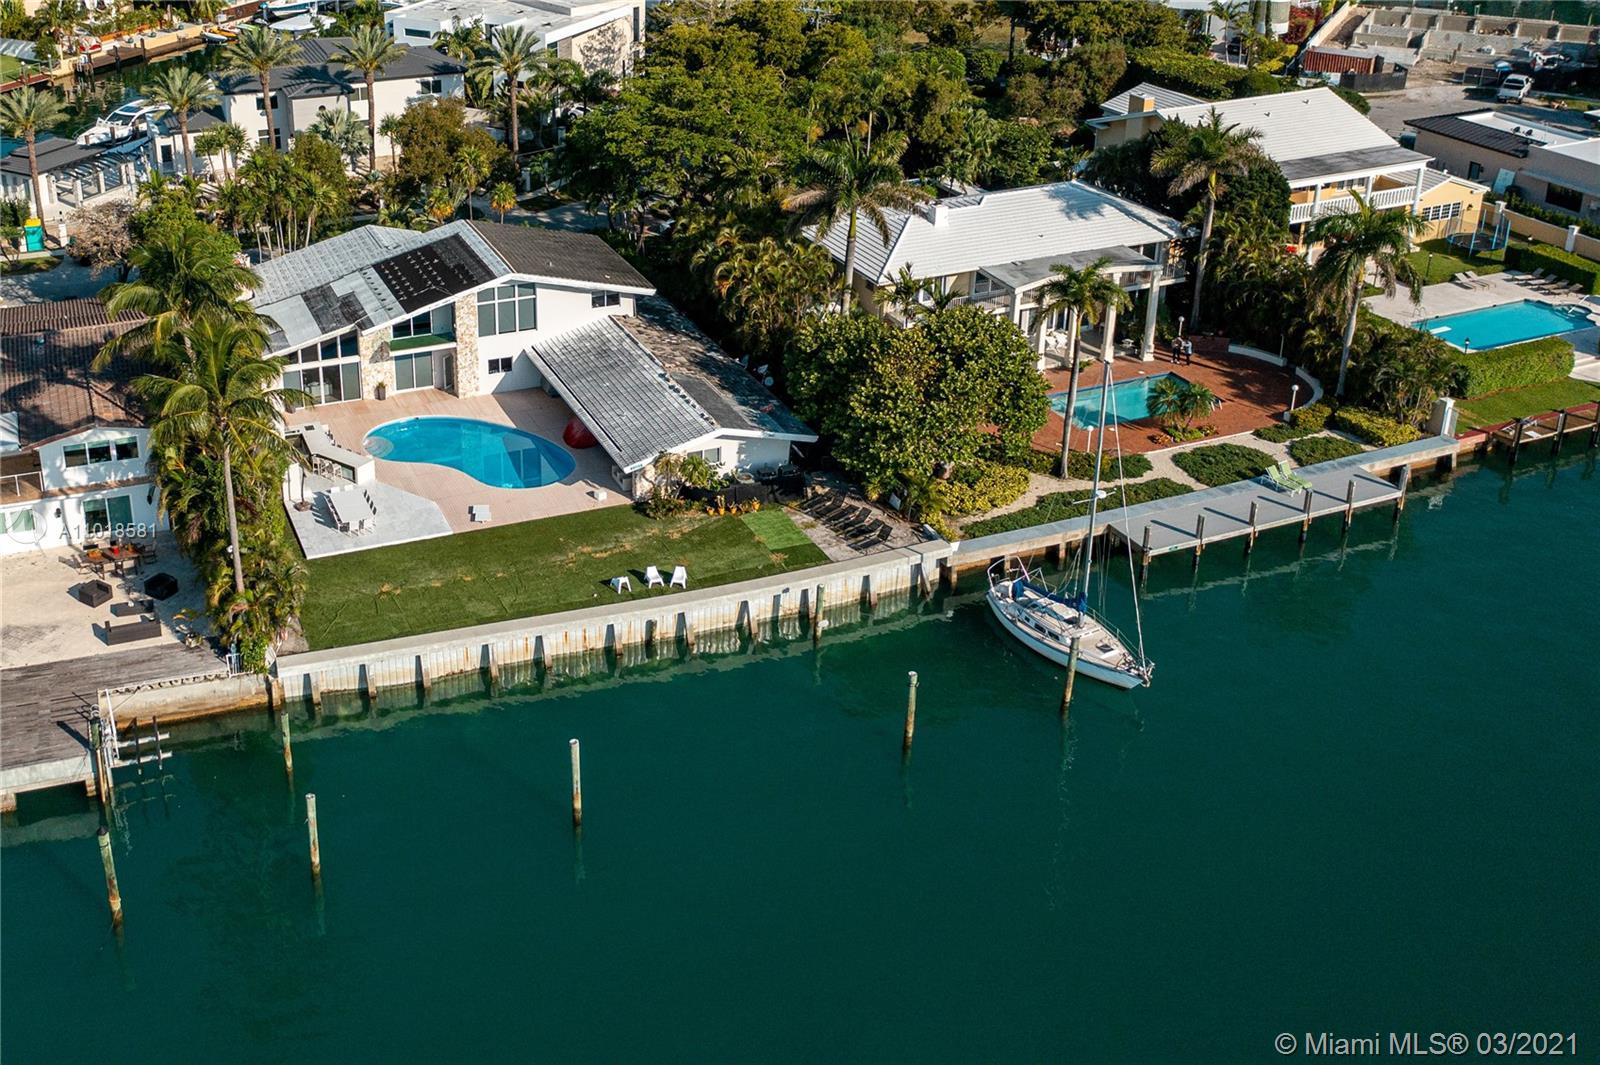 13255 Biscayne Bay Dr Luxury Real Estate